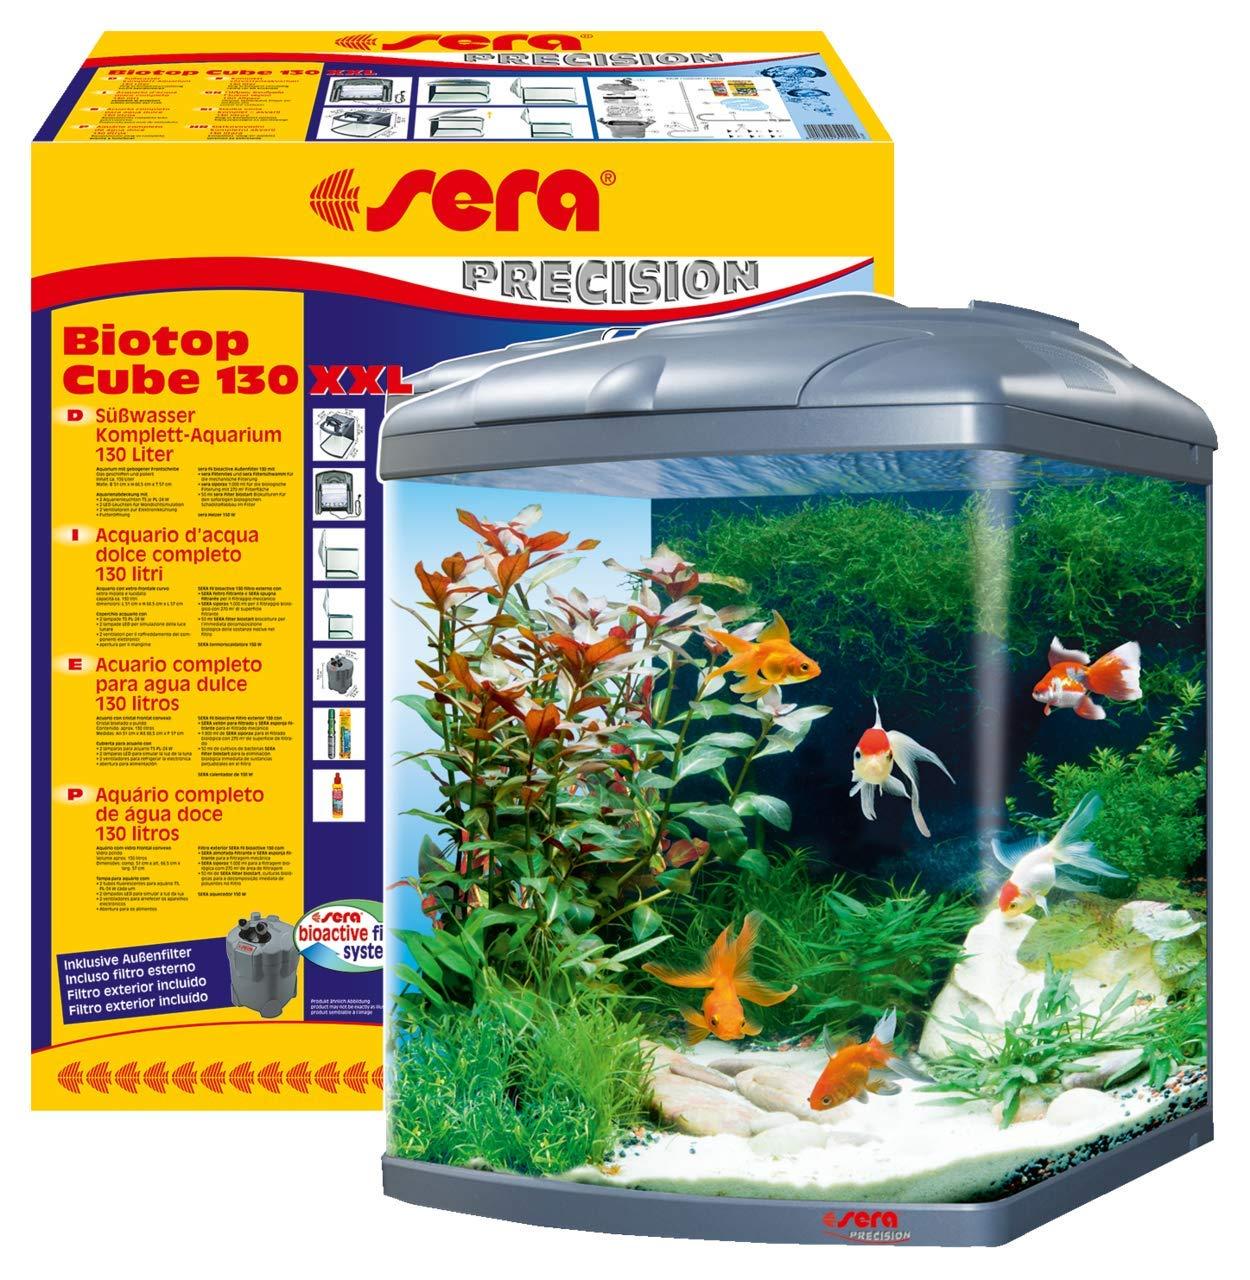 Sera 31150 Mondi Biotop Cube 130 XXL un 130 L Agua Dulce de Acuario ...